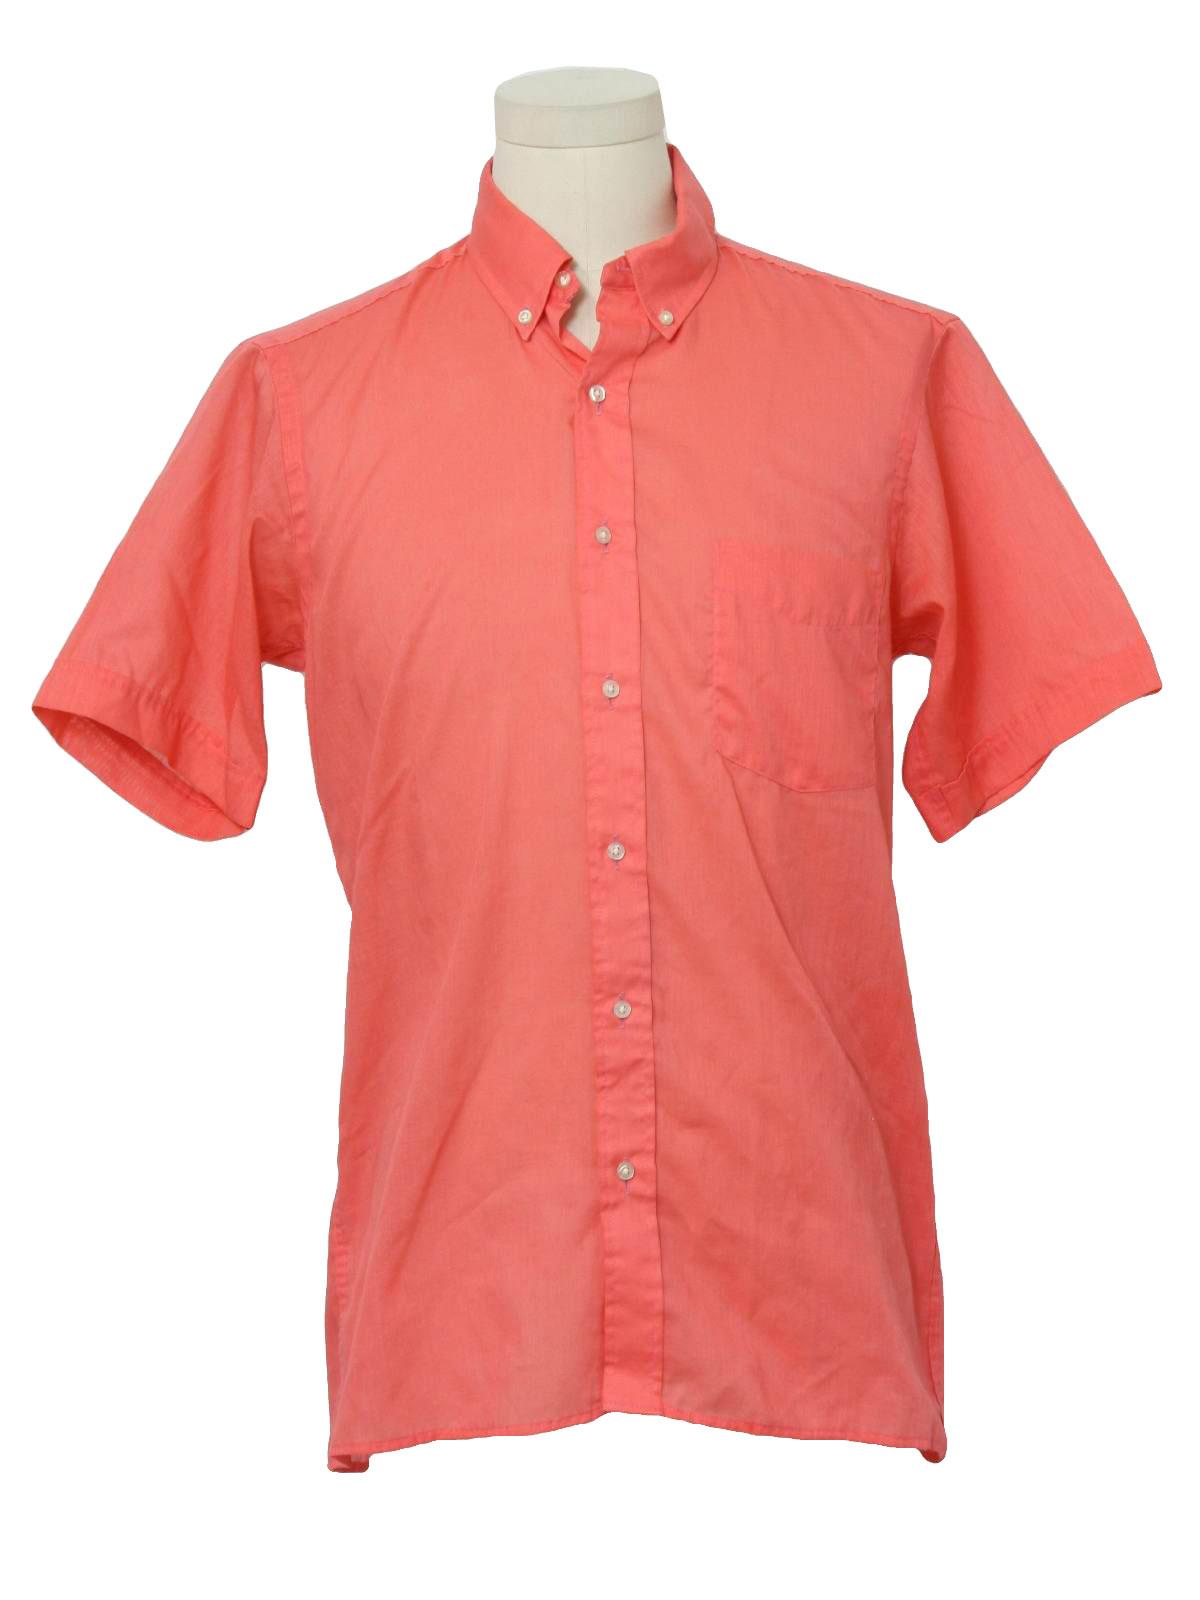 7bead74019cf Mens T Shirts At Macys – Rockwall Auction